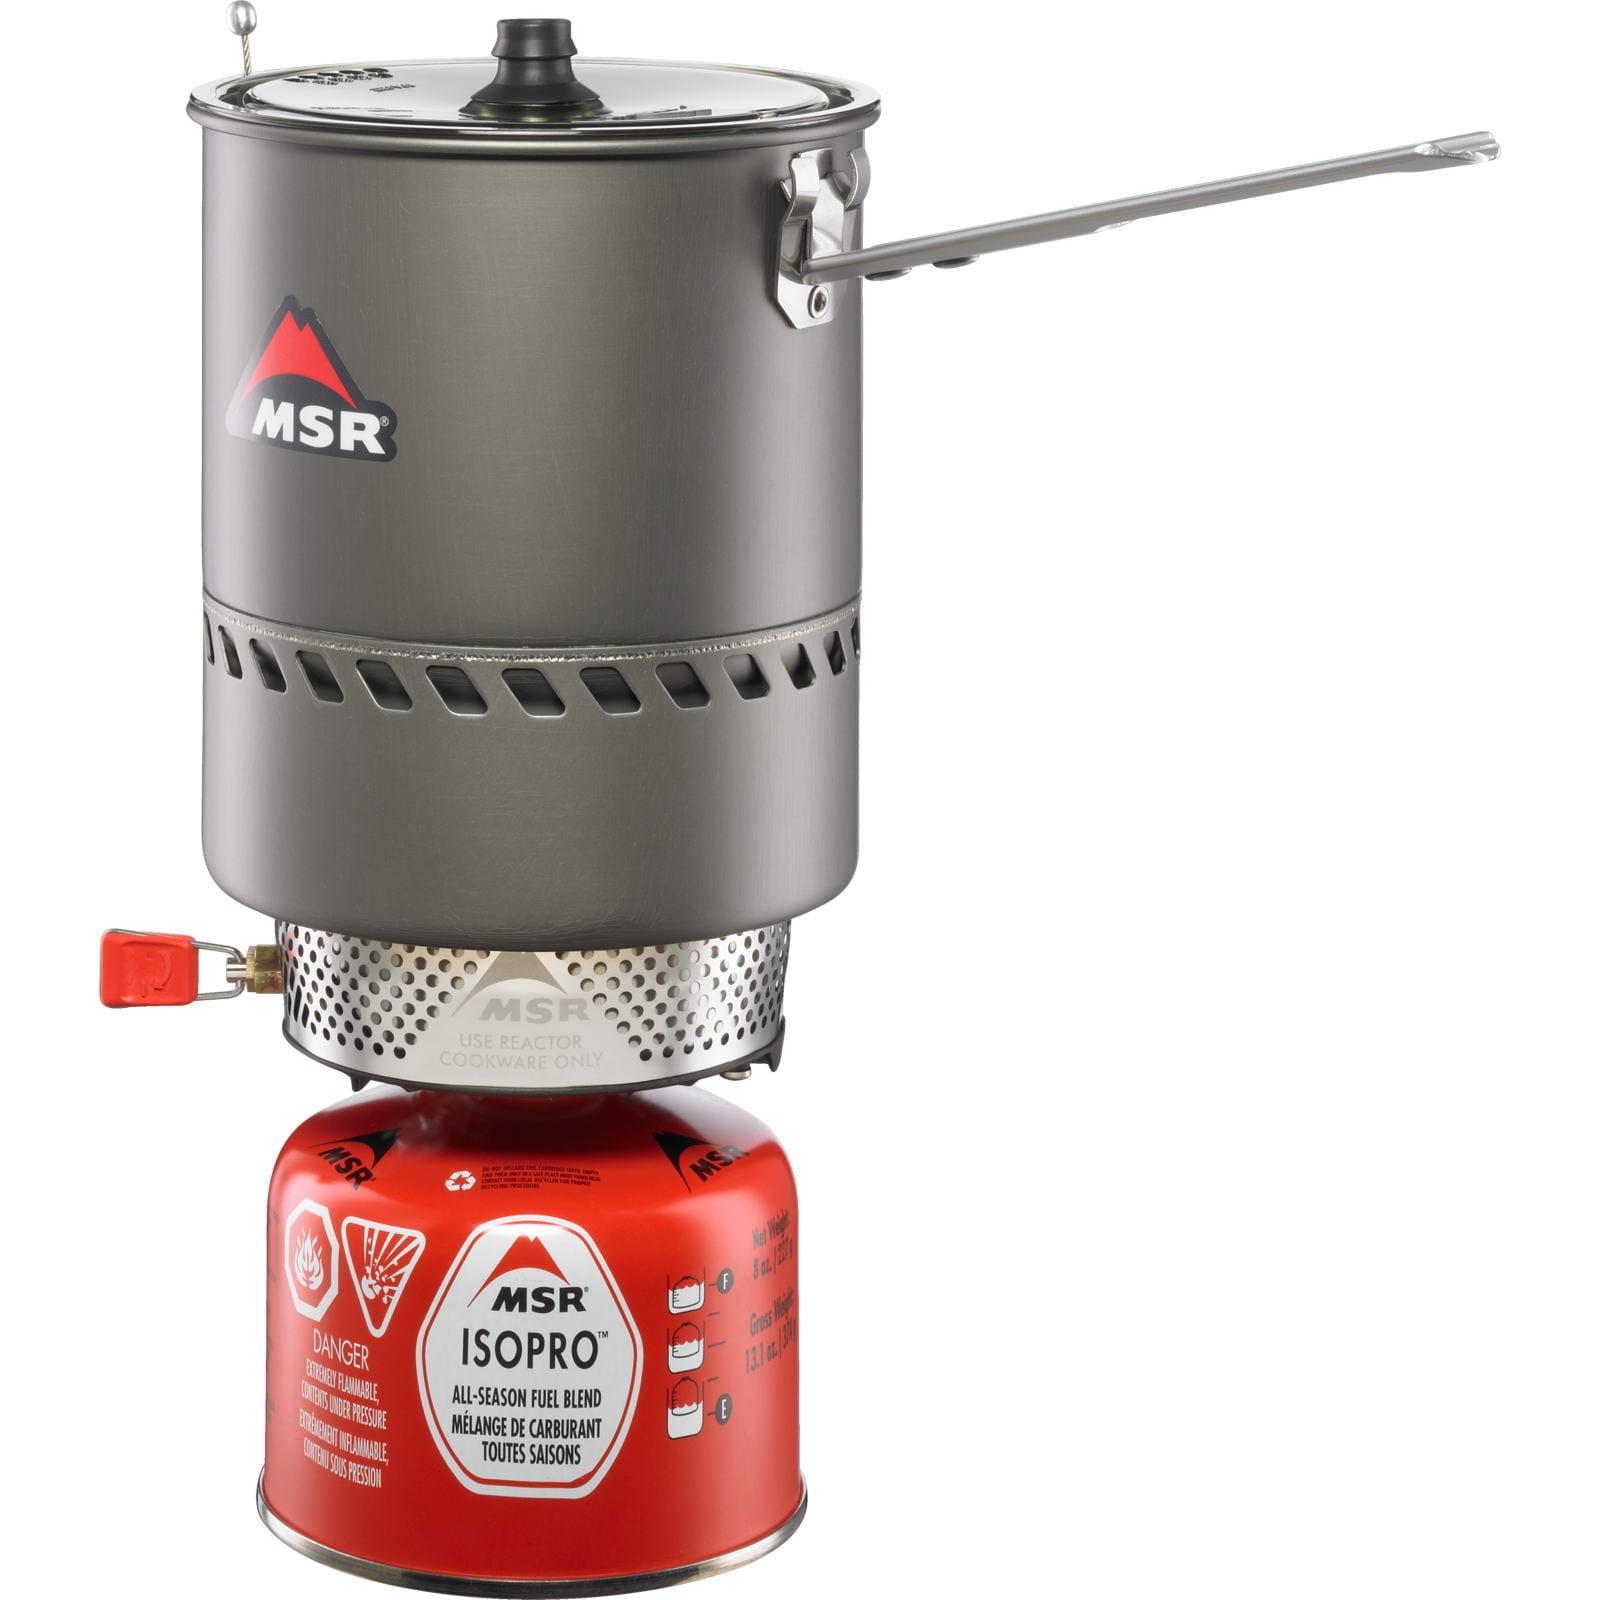 MSR Reactor® 1.7L Stove System - Kochersystem - Bild 1